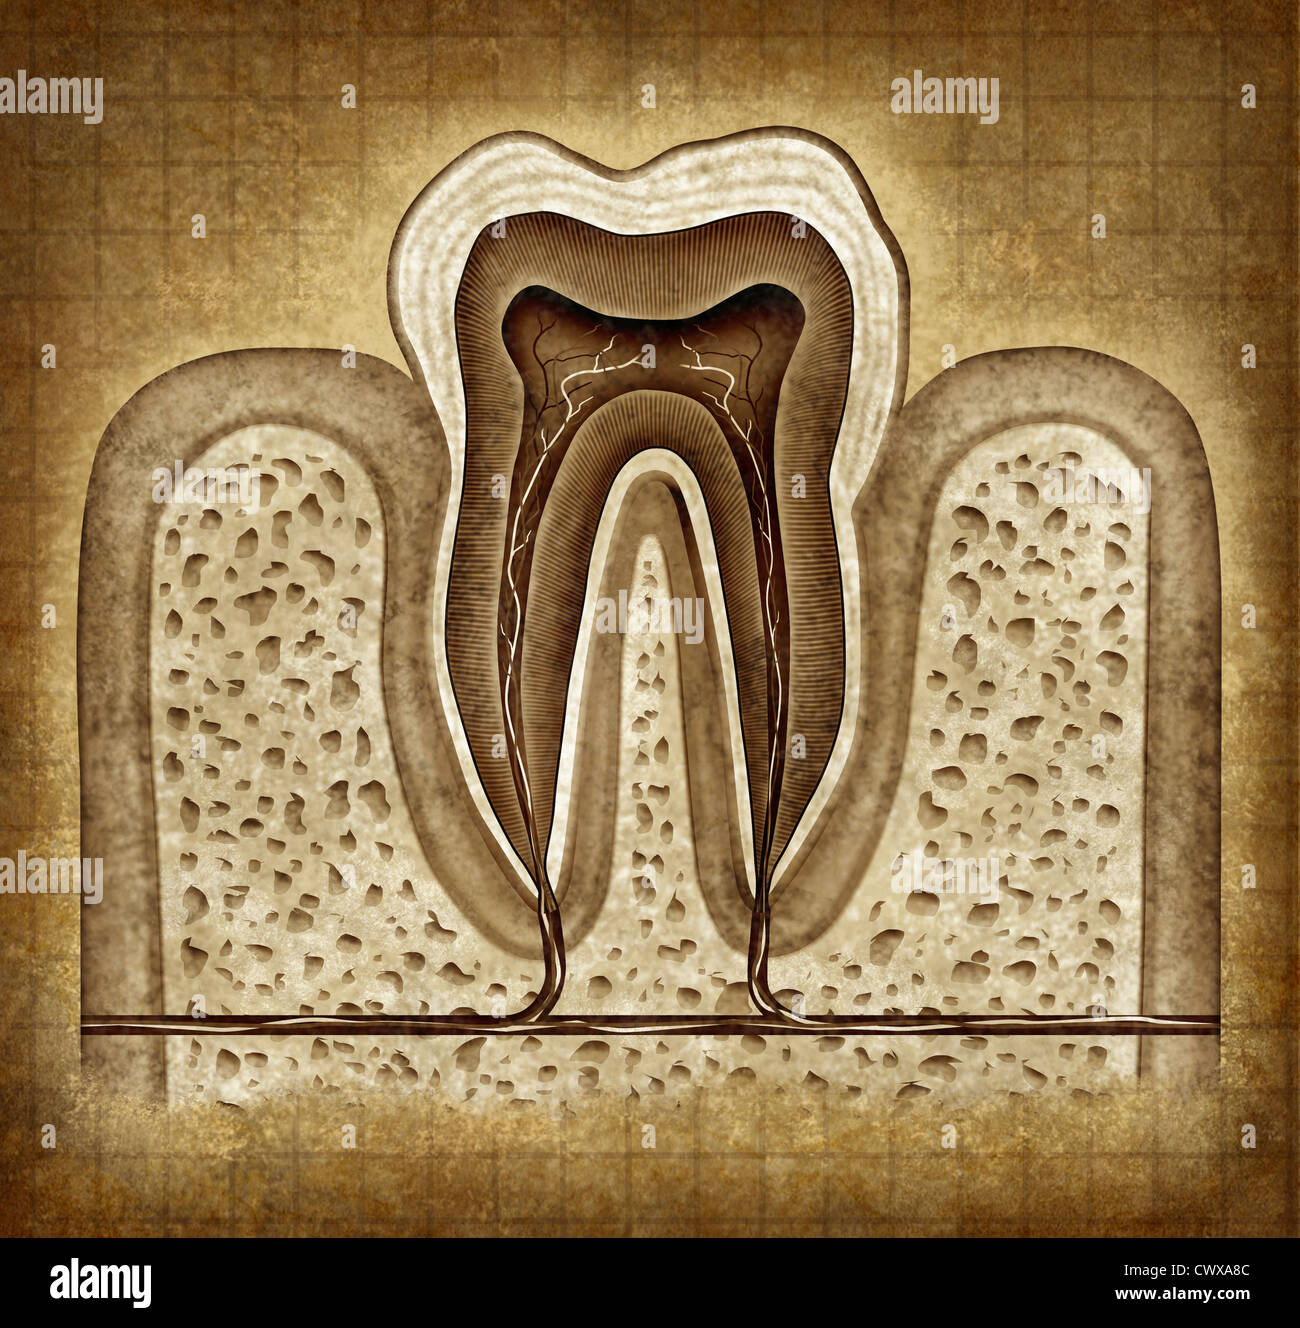 Dente anatomia interna vecchia pergamena grunge diagramma come un chirurgo dentista denti simbolo per la clinica Immagini Stock